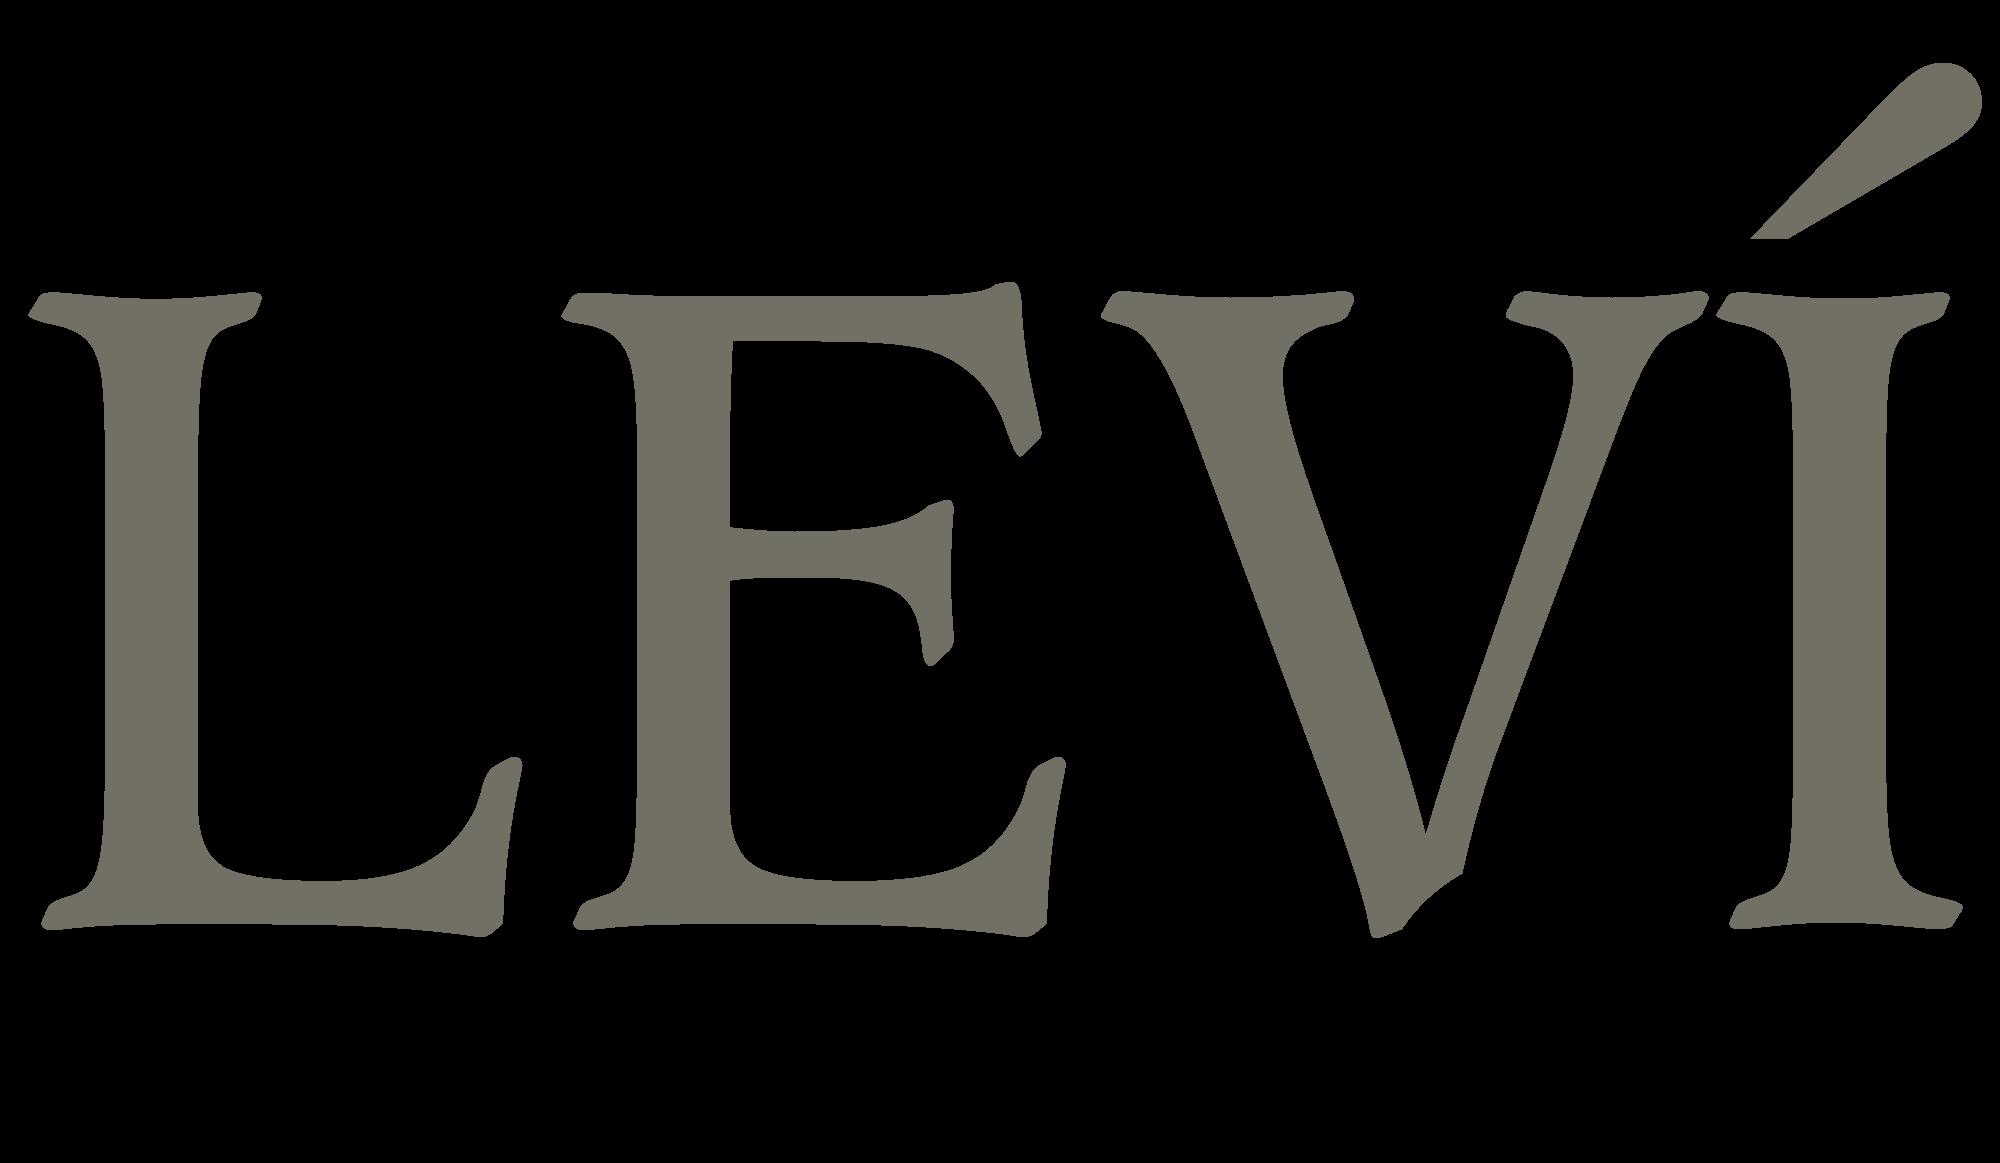 Leví - Name's Meaning of Leví (Levi) - Levi Name